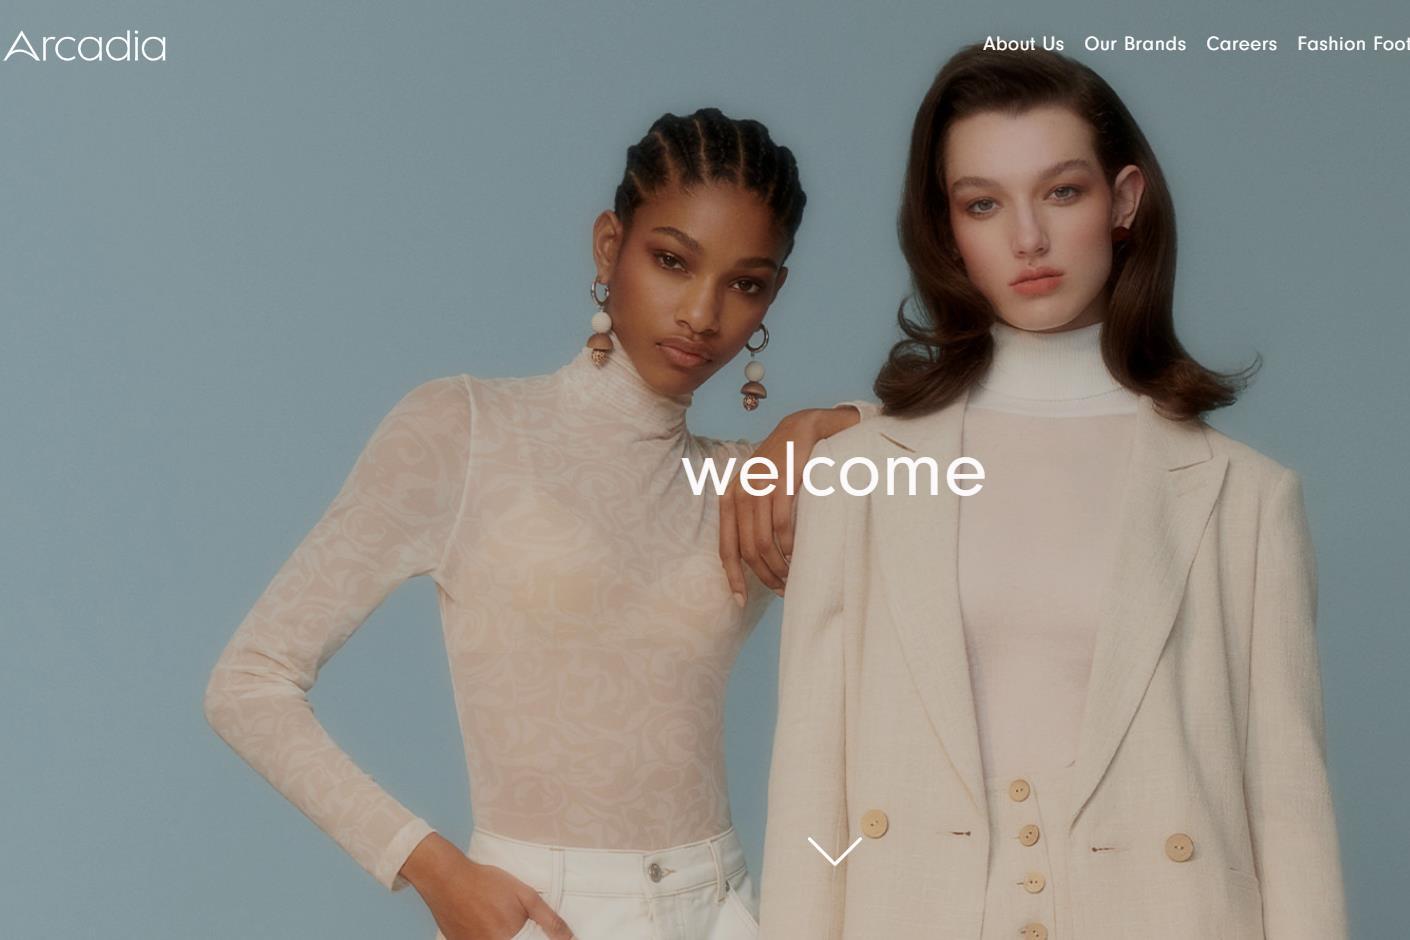 Topshop母公司、英国时尚零售集团 Arcadia面临巨大的租金压力